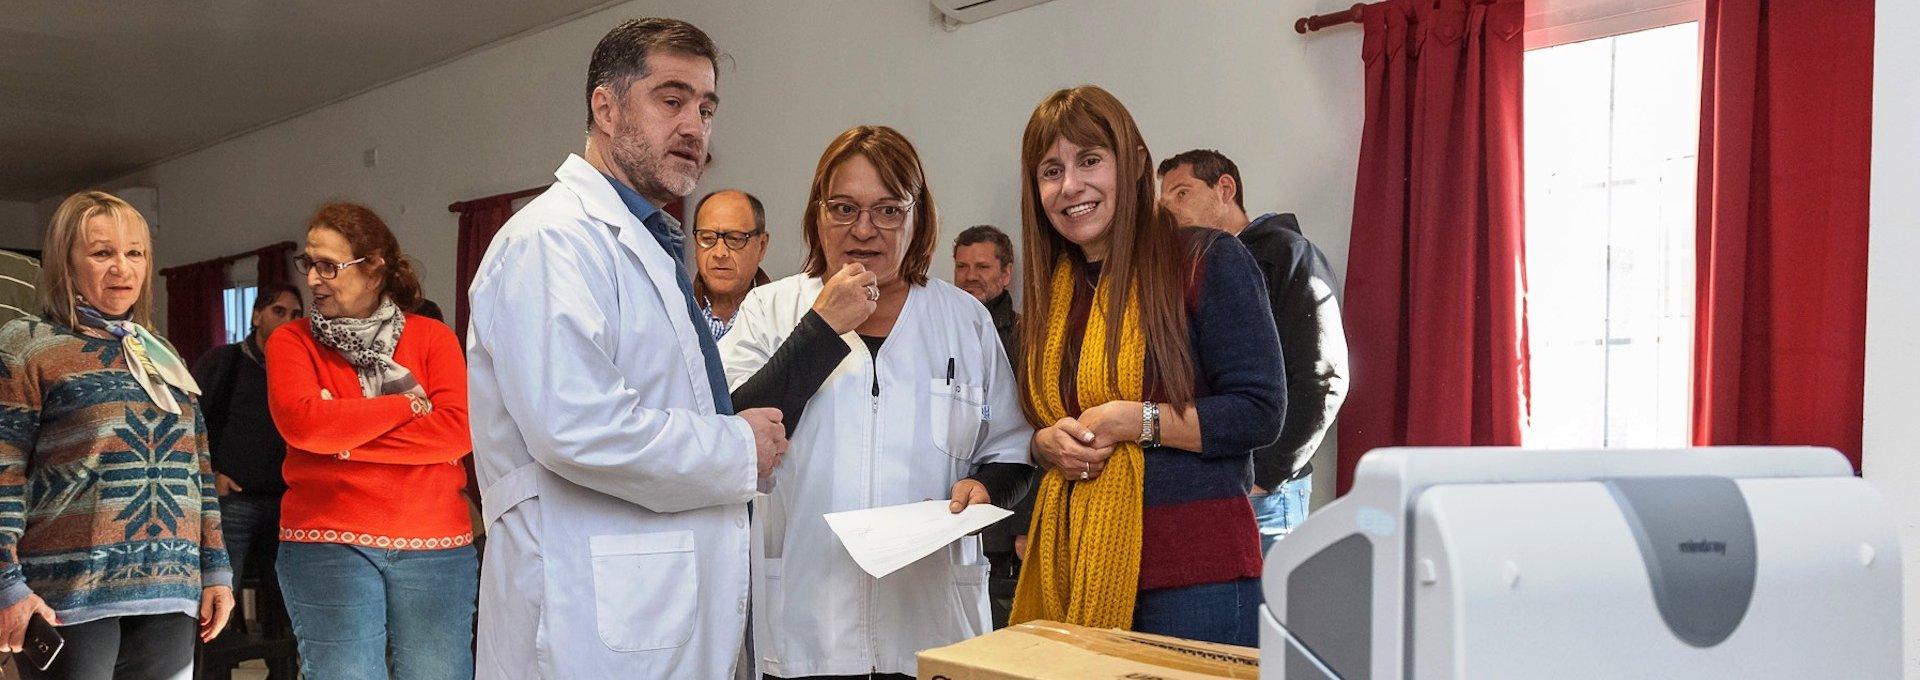 - El Ministerio de Salud de Entre Ríos adquirió cuatro respiradores y un ecógrafo para el hospital materno infantil San Roque de Paraná; Los aparatos ya están en funcionamiento en el servicio de Terapia Intensiva y en la guardia de Obstetricia; Se trata de una inversión aproximada de 900 mil pesos